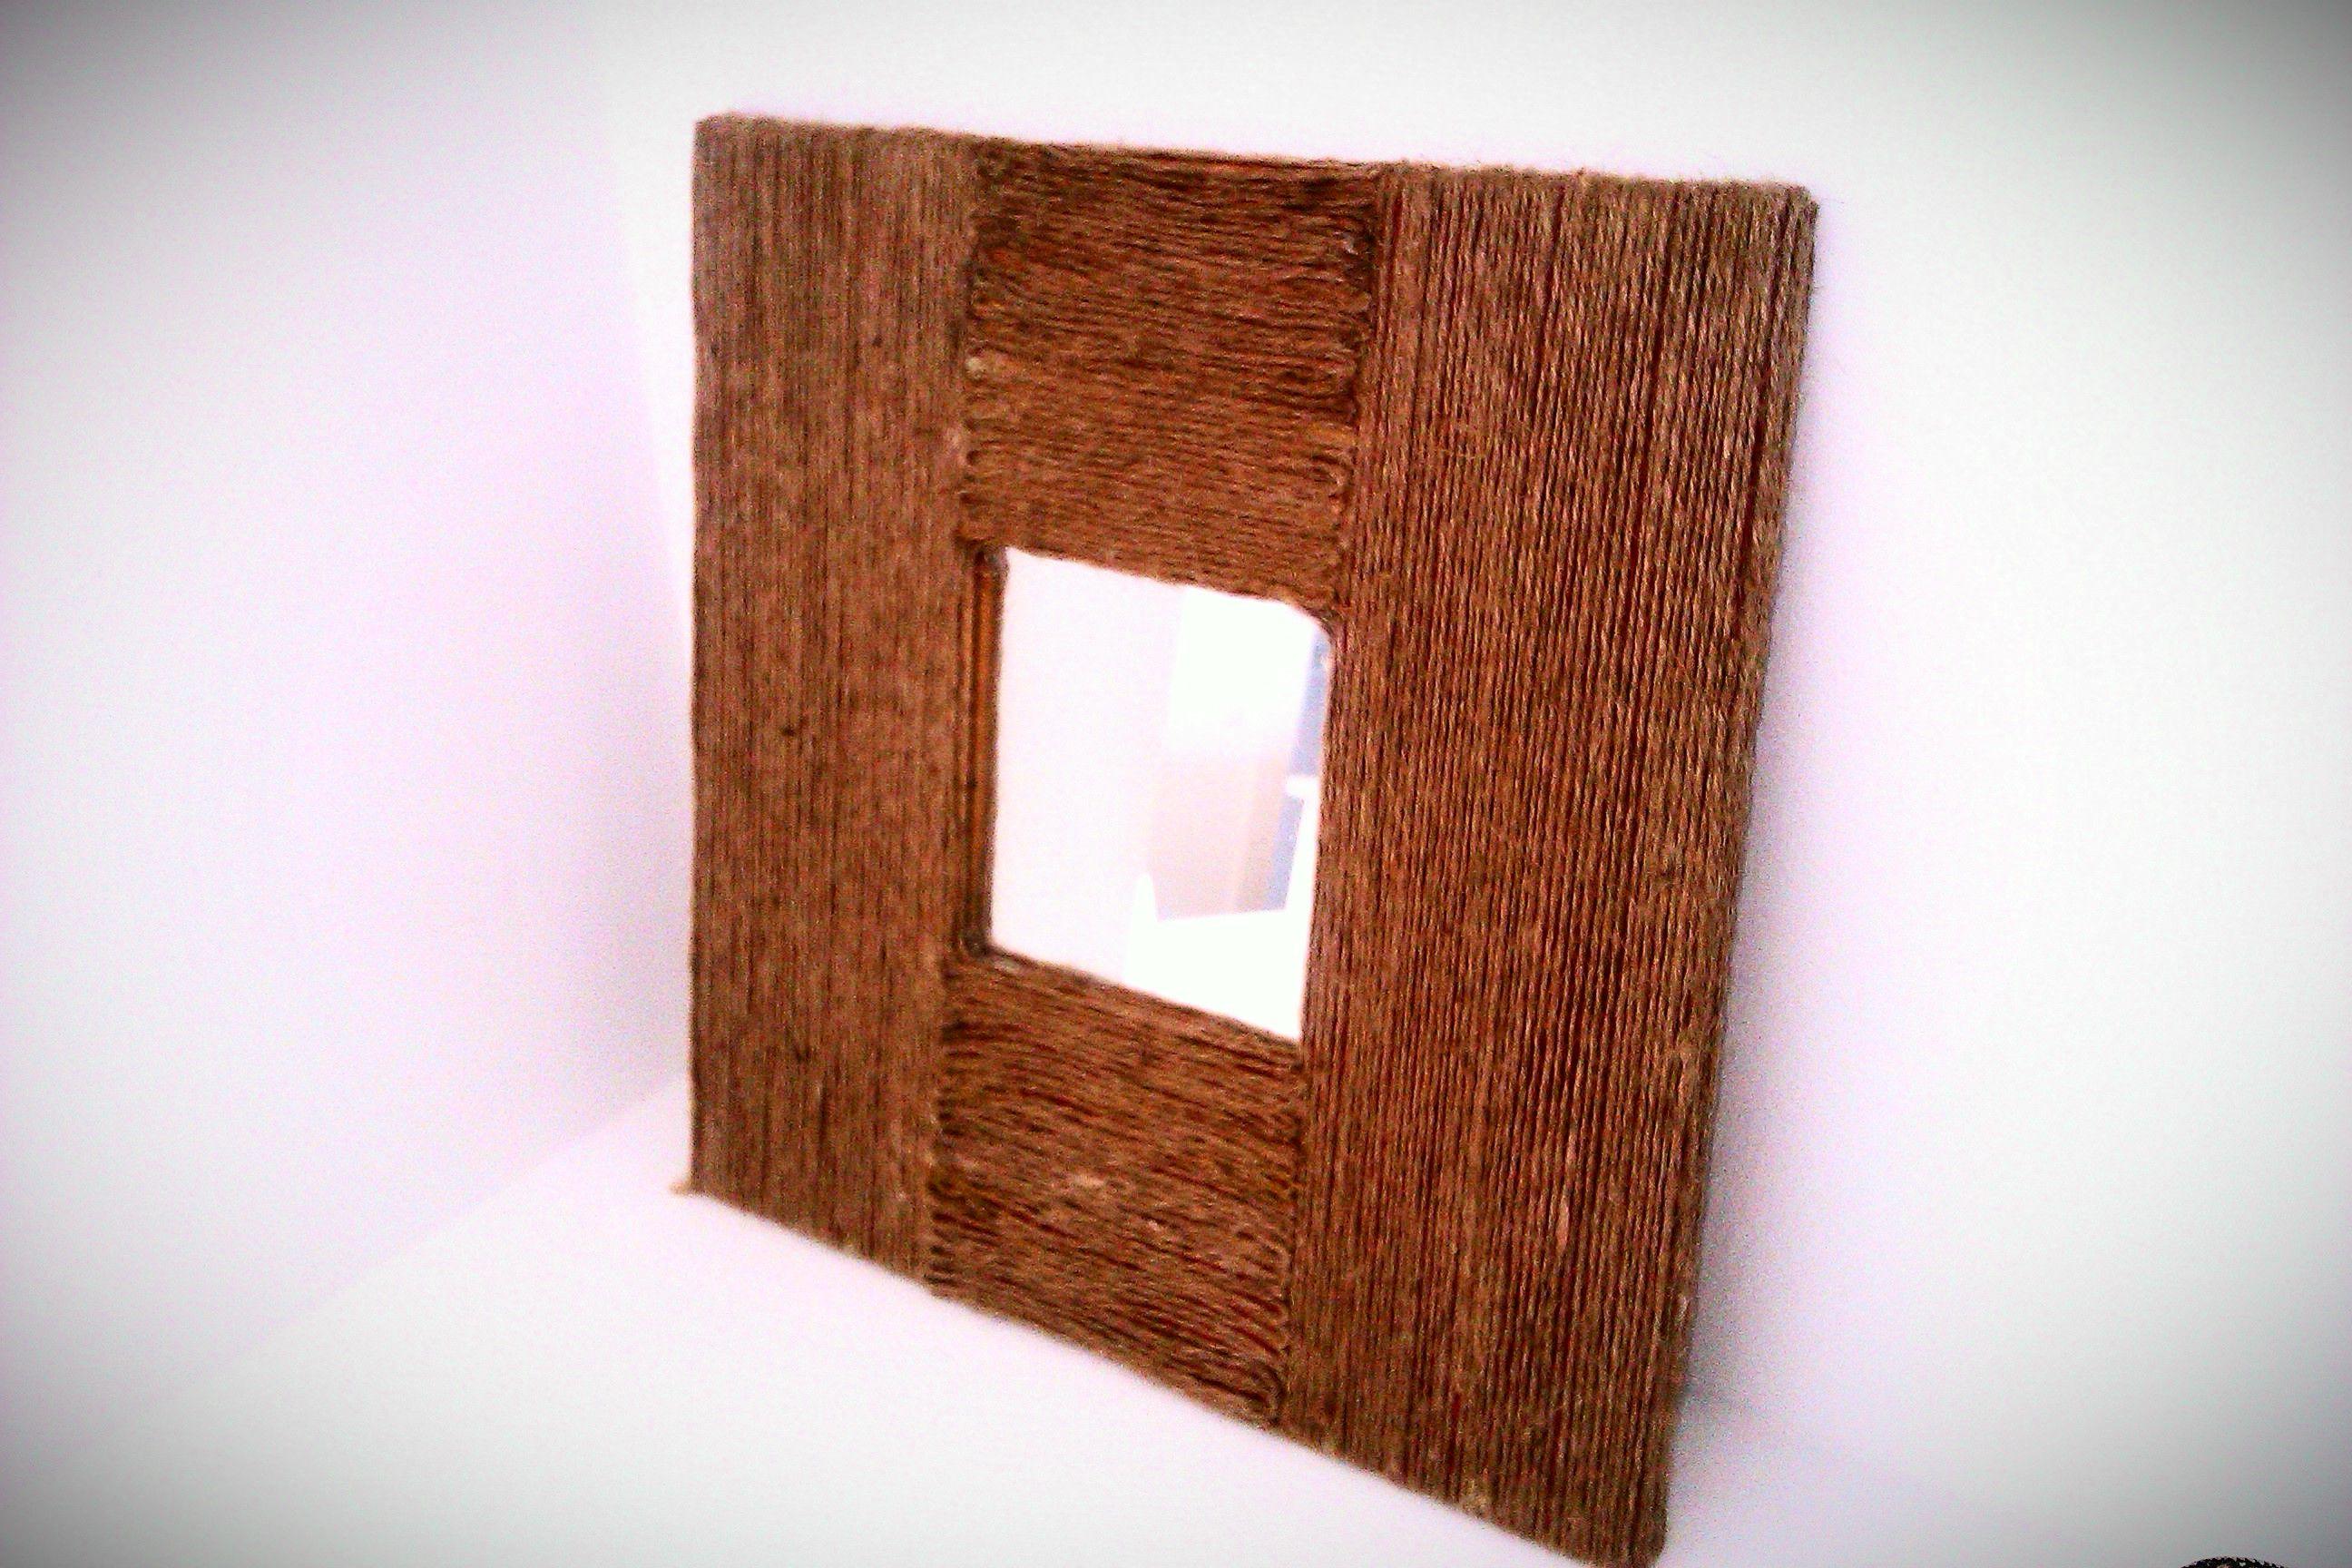 Redecoraci n de marcos y espejos con cuerda de c amo diy for Espejo redondo cuerda